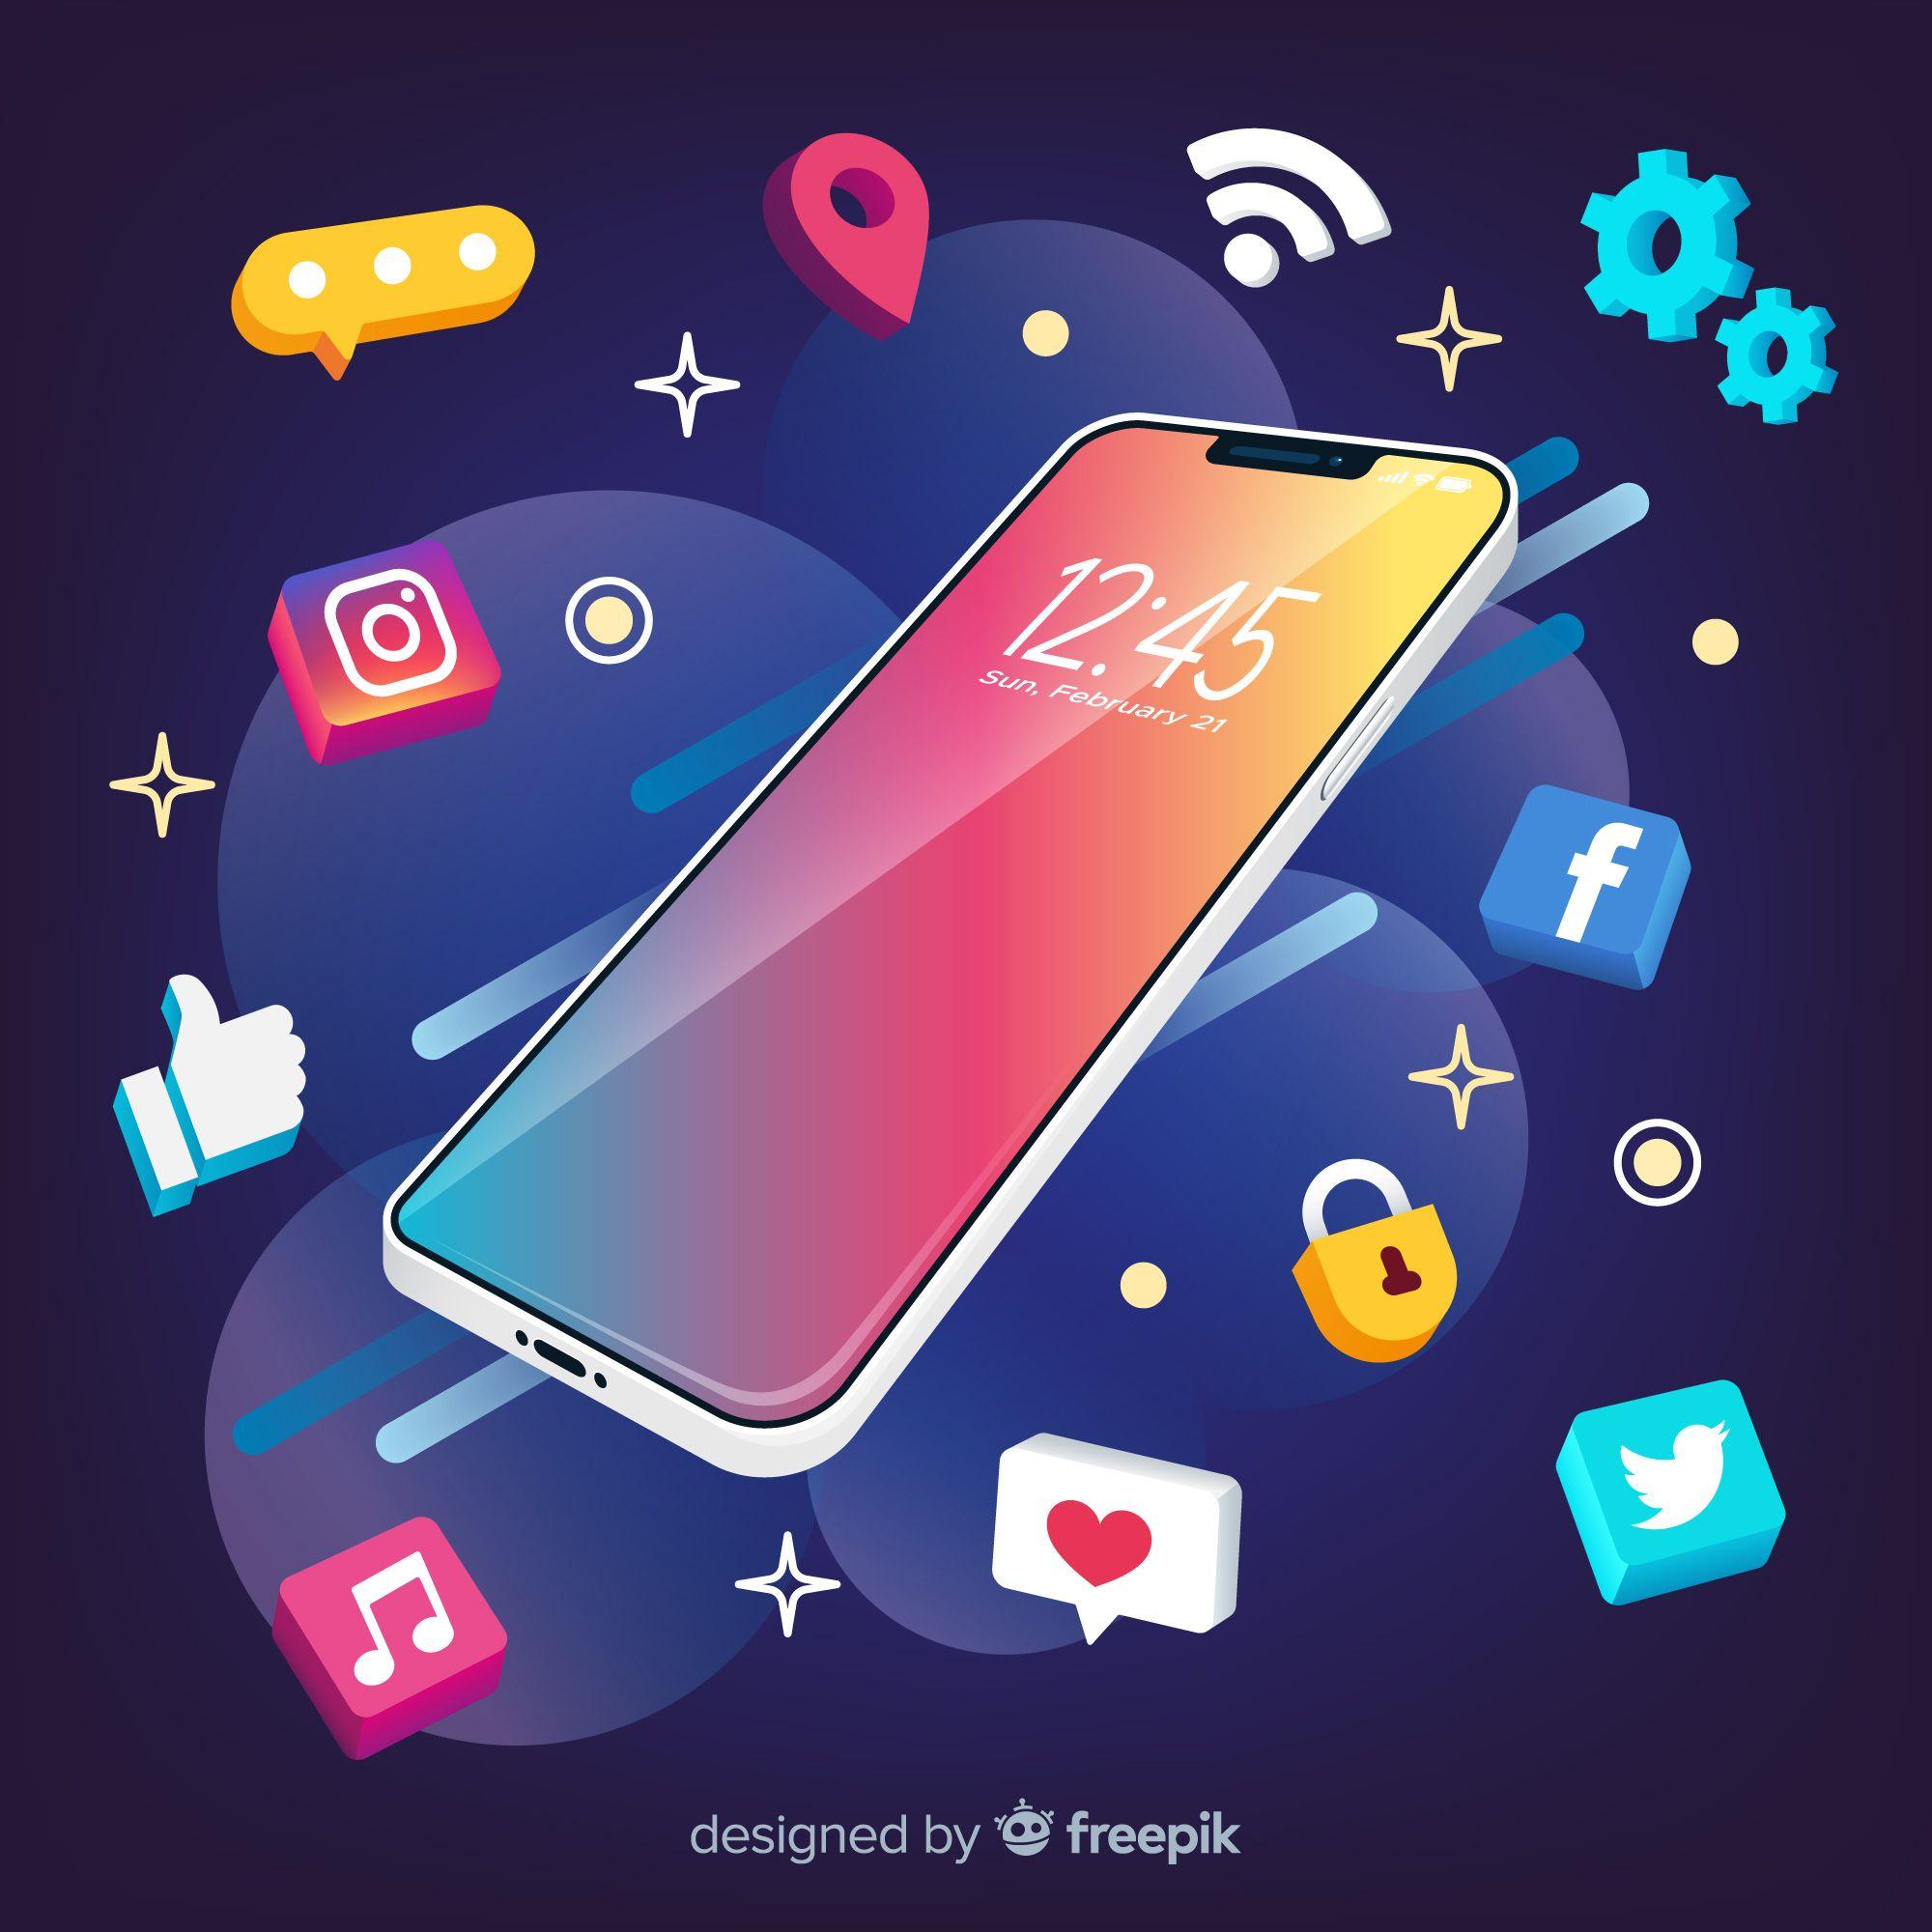 Mídias sociais, uma excelente ferramenta